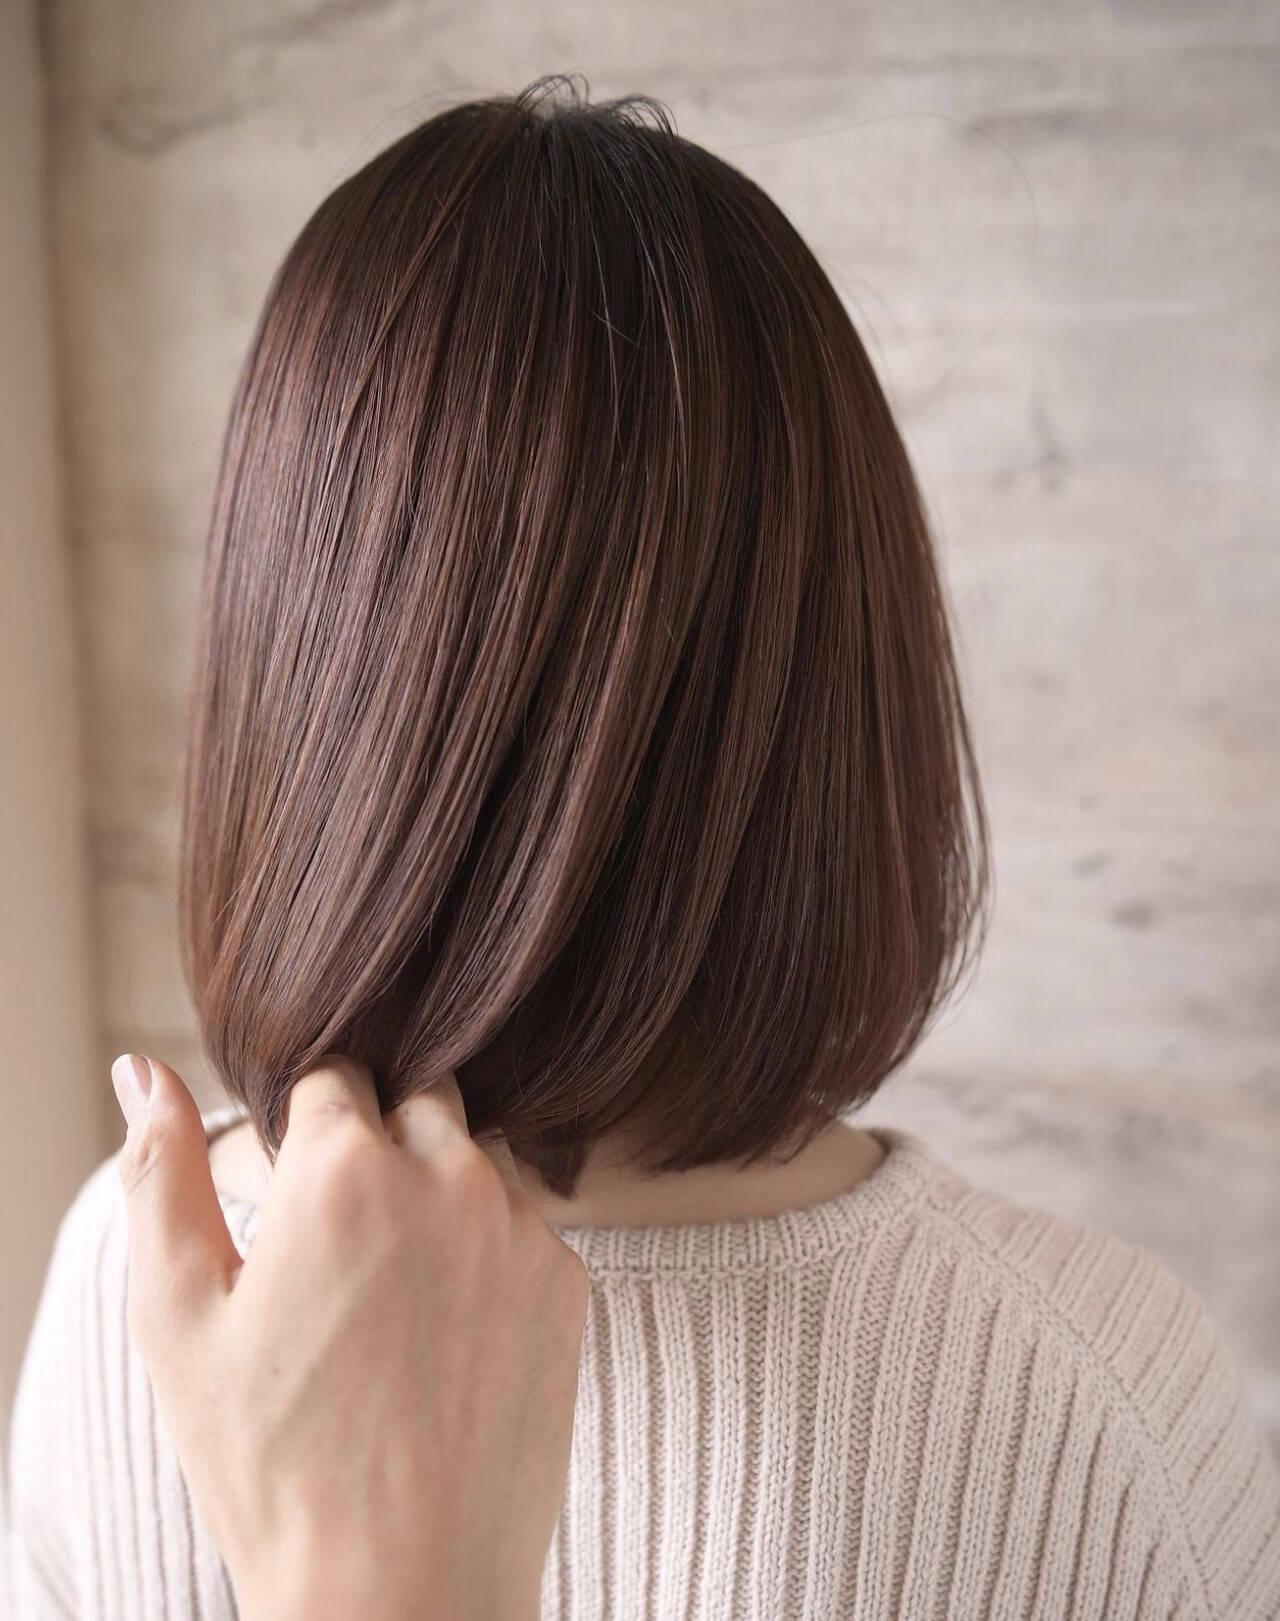 可愛い ナチュラル ボブ 艶髪ヘアスタイルや髪型の写真・画像